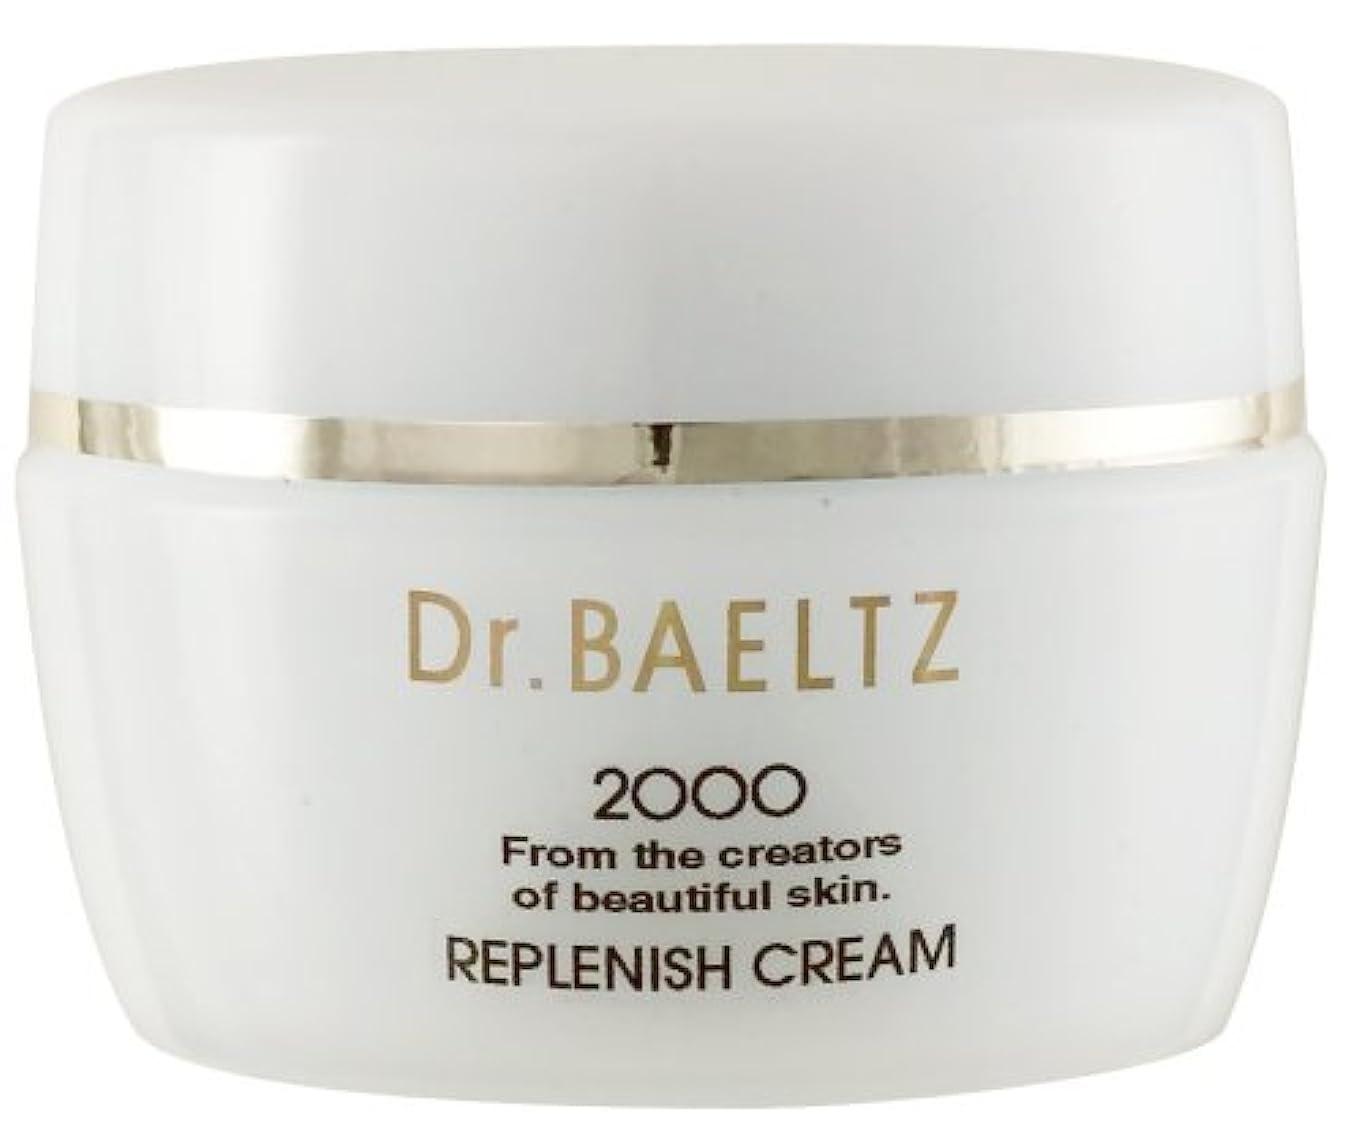 印をつける呼吸するクリームドクターベルツ(Dr.BAELTZ) リプレニッシュクリーム 40g(保湿クリーム)